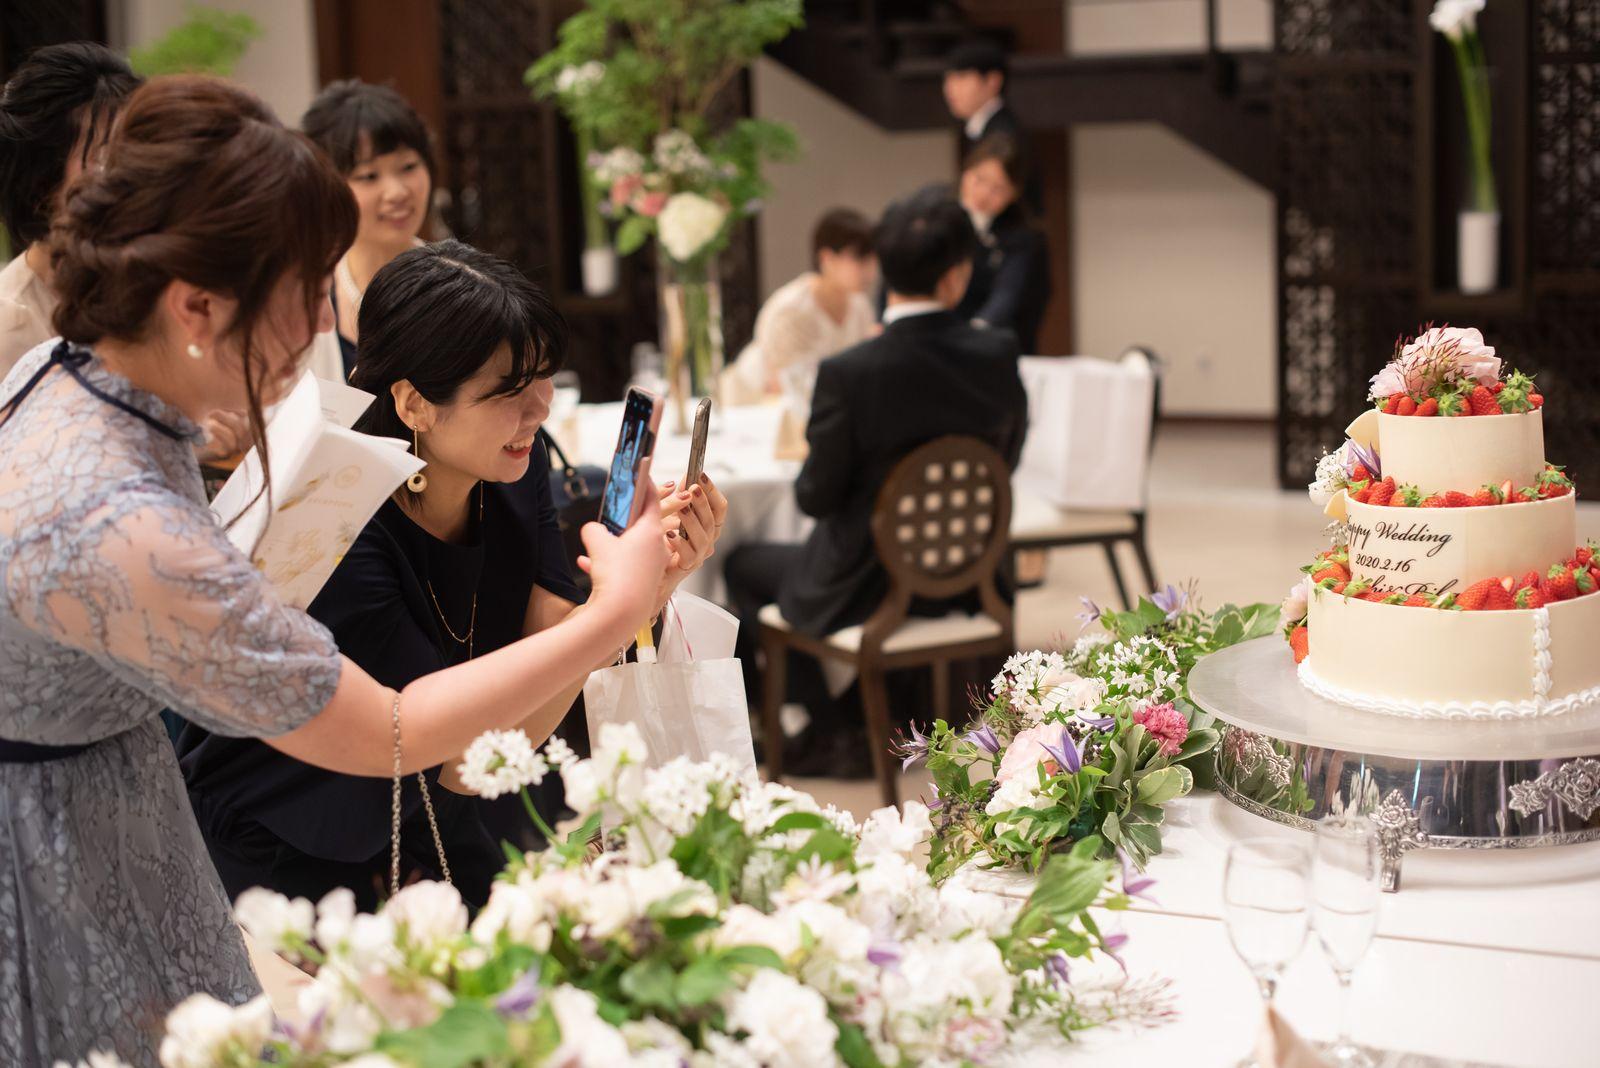 徳島市の結婚式場ブランアンジュでウエディングケーキの写真をとるゲスト